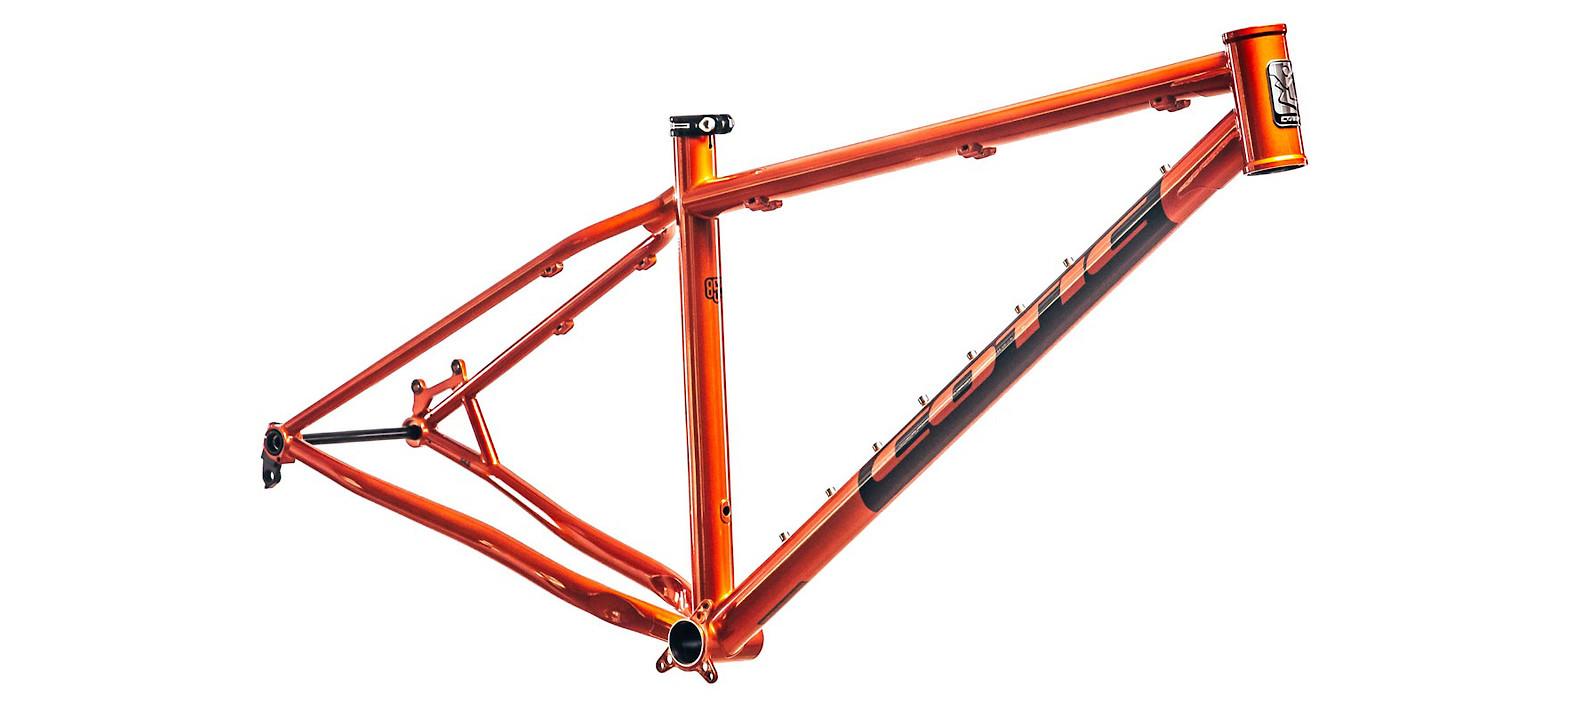 2020 Cotic SolarisMAX (Supernova Orange)